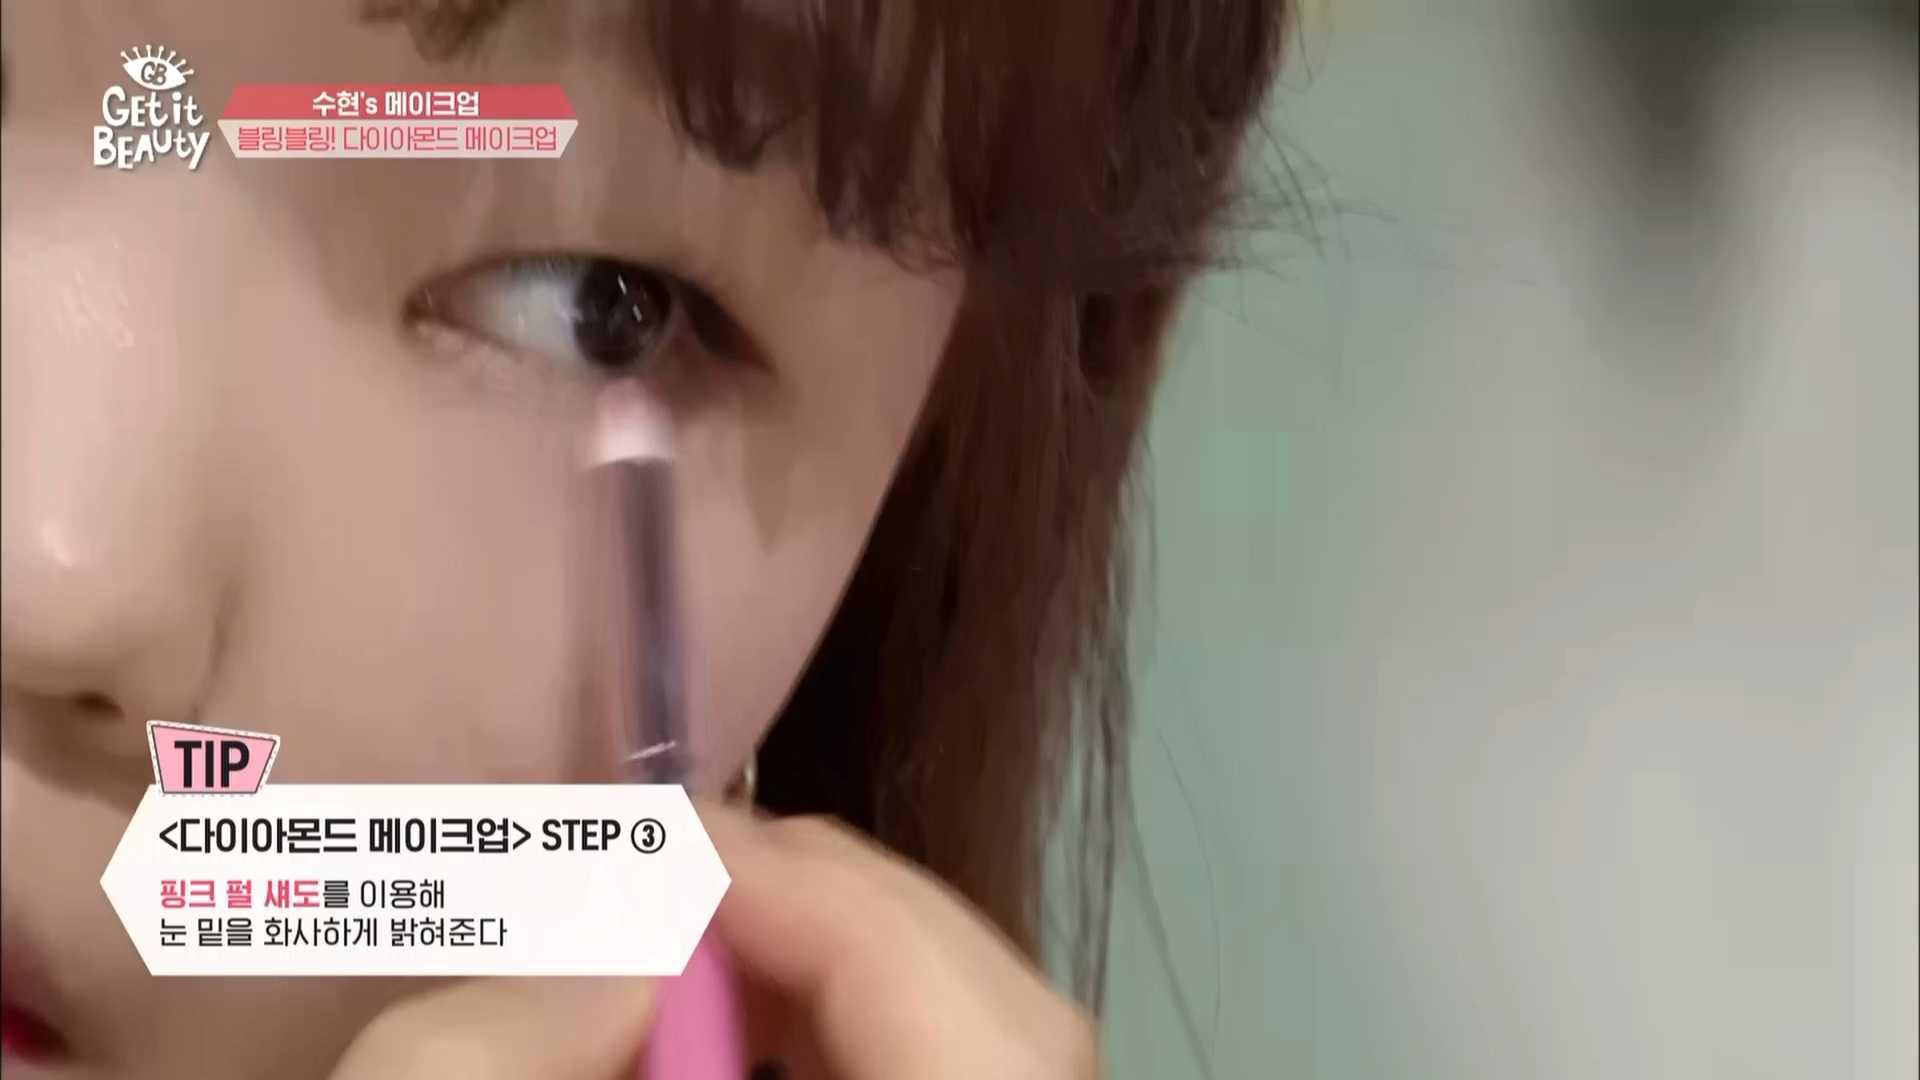 마지막으로 핑크 펄 섀도로 언더 삼각존을 밝혀주면 아이 메이크업 끝!!